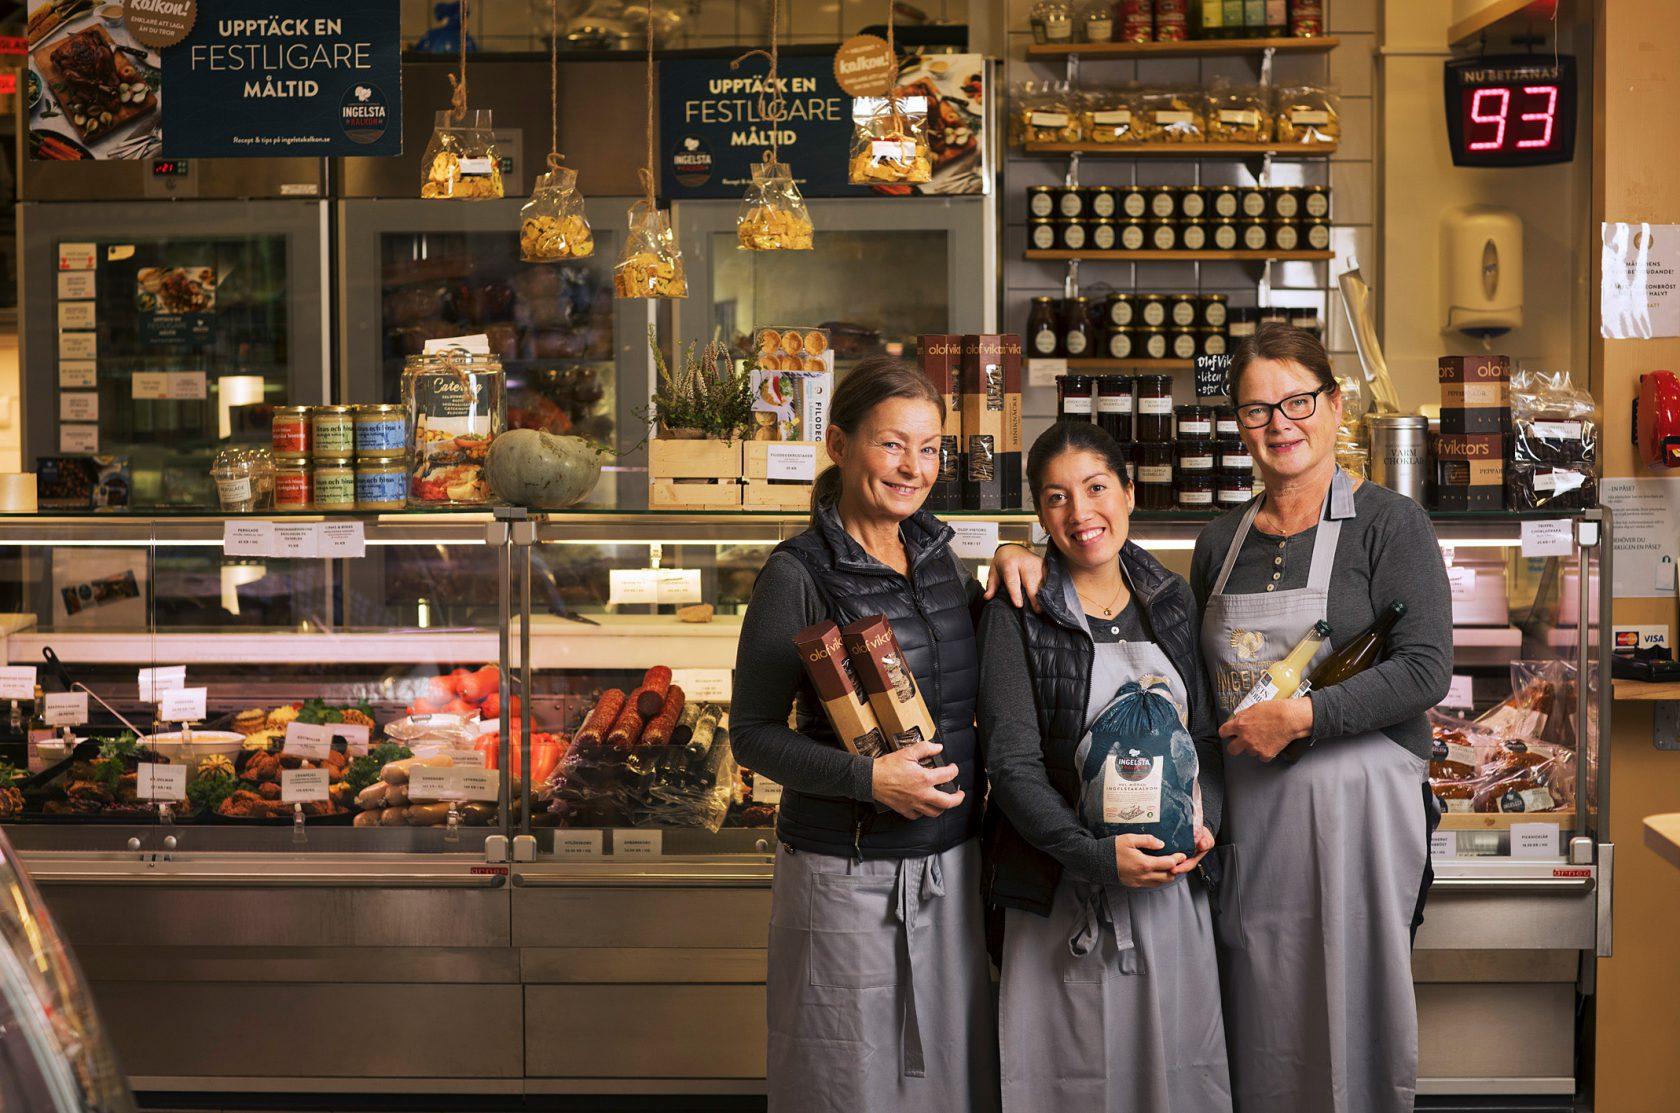 Tre kvinnor står och håller upp olika matprodukter framför en handlarbod.